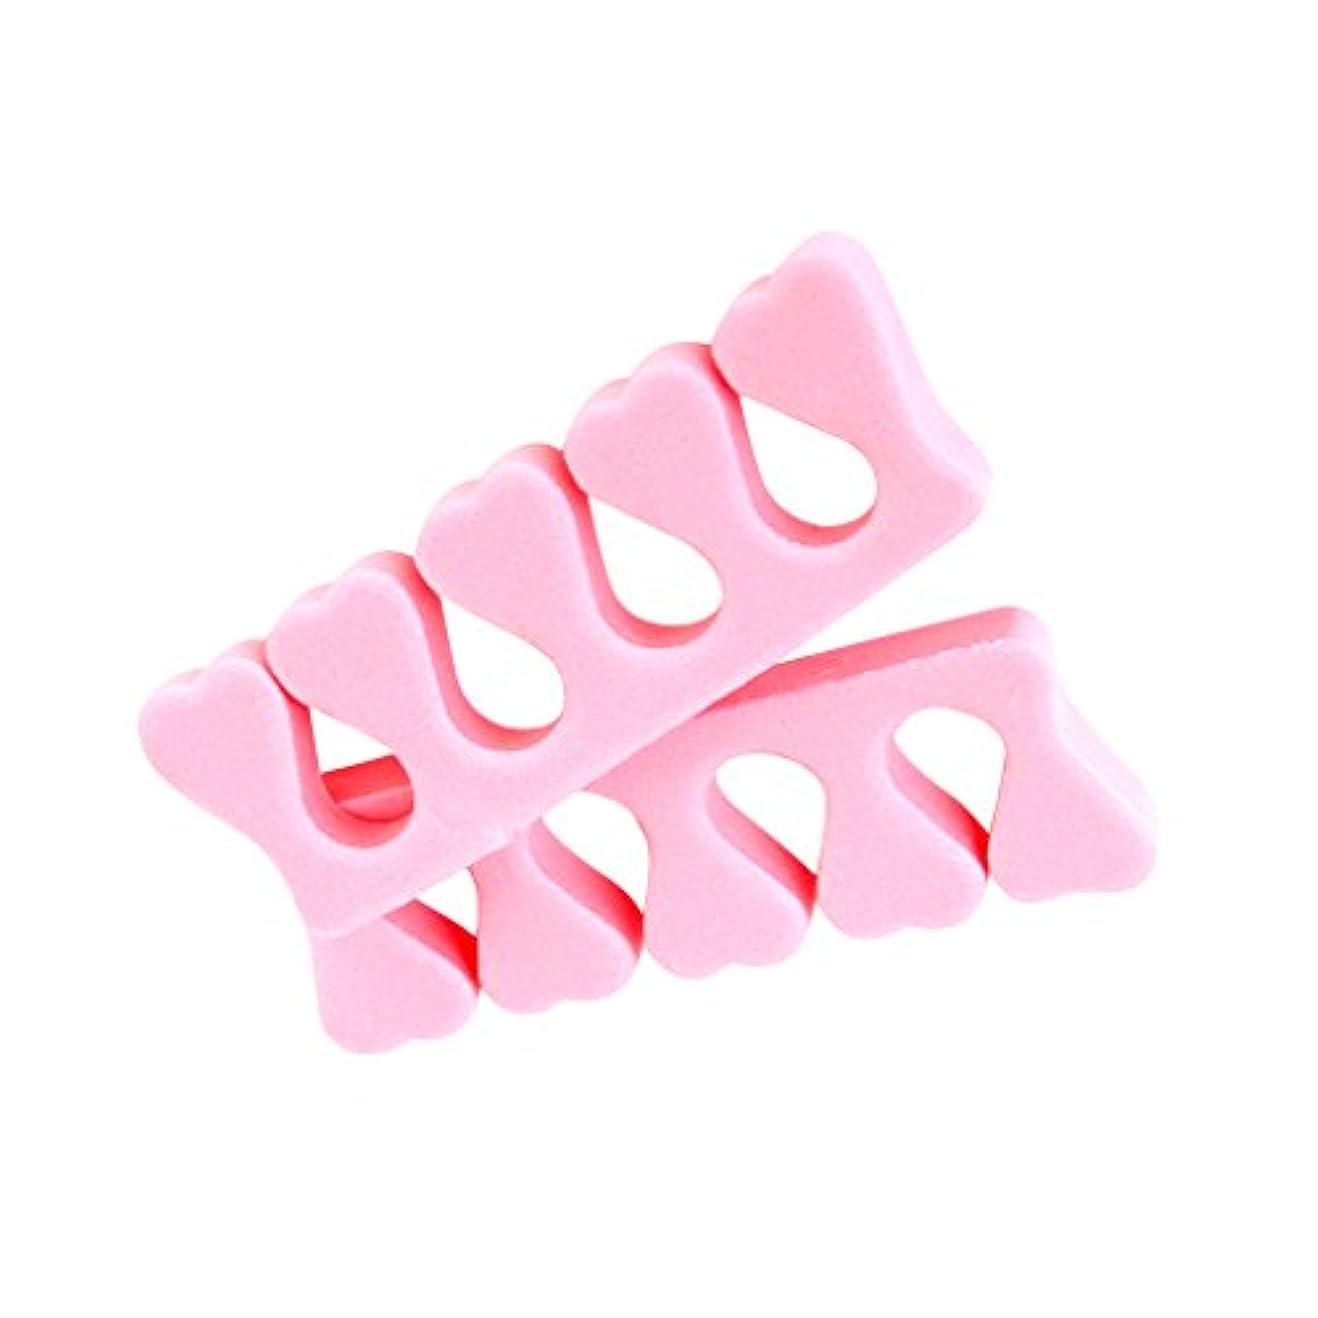 成功したある感心するsharprepublic 2個セット 足指 セパレーター ネイル アート マニキュア ペディキュア フォーム製 ピンク